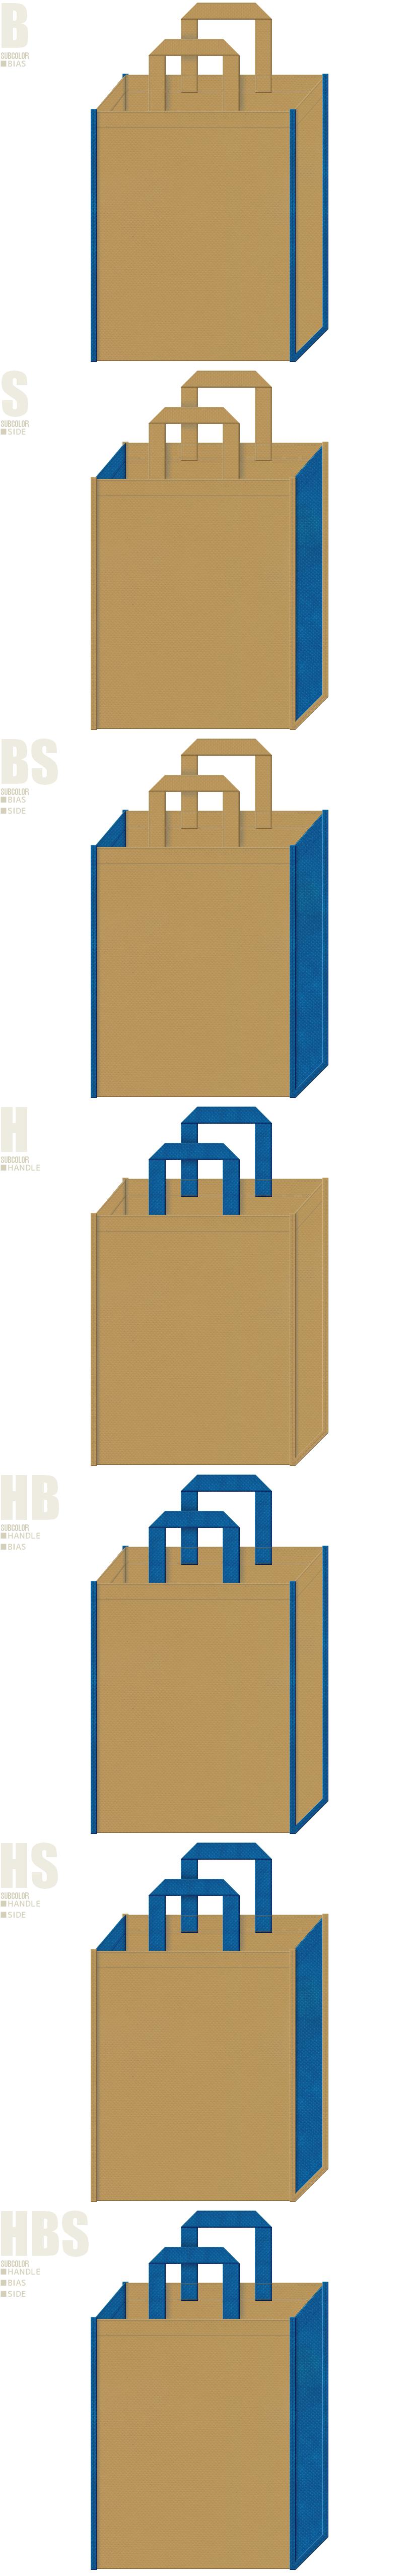 金黄土色と青色の配色7パターンの不織布バッグデザイン